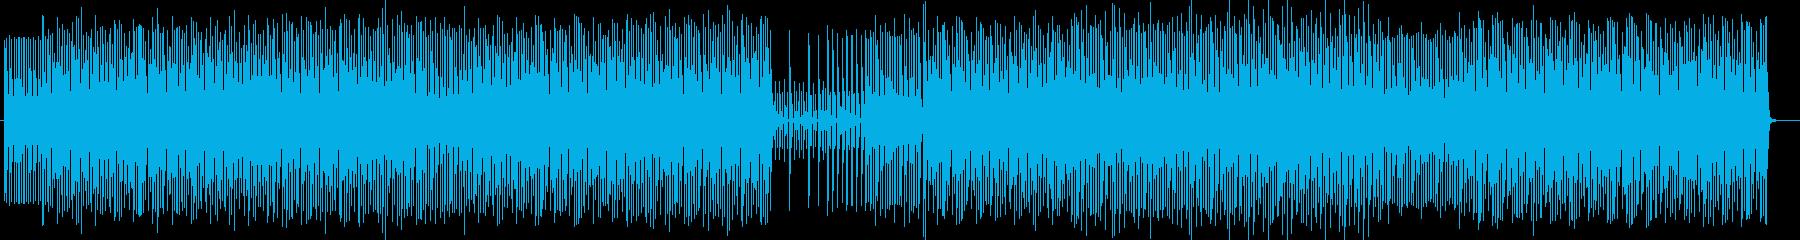 謎めいた雰囲気のミュージックの再生済みの波形